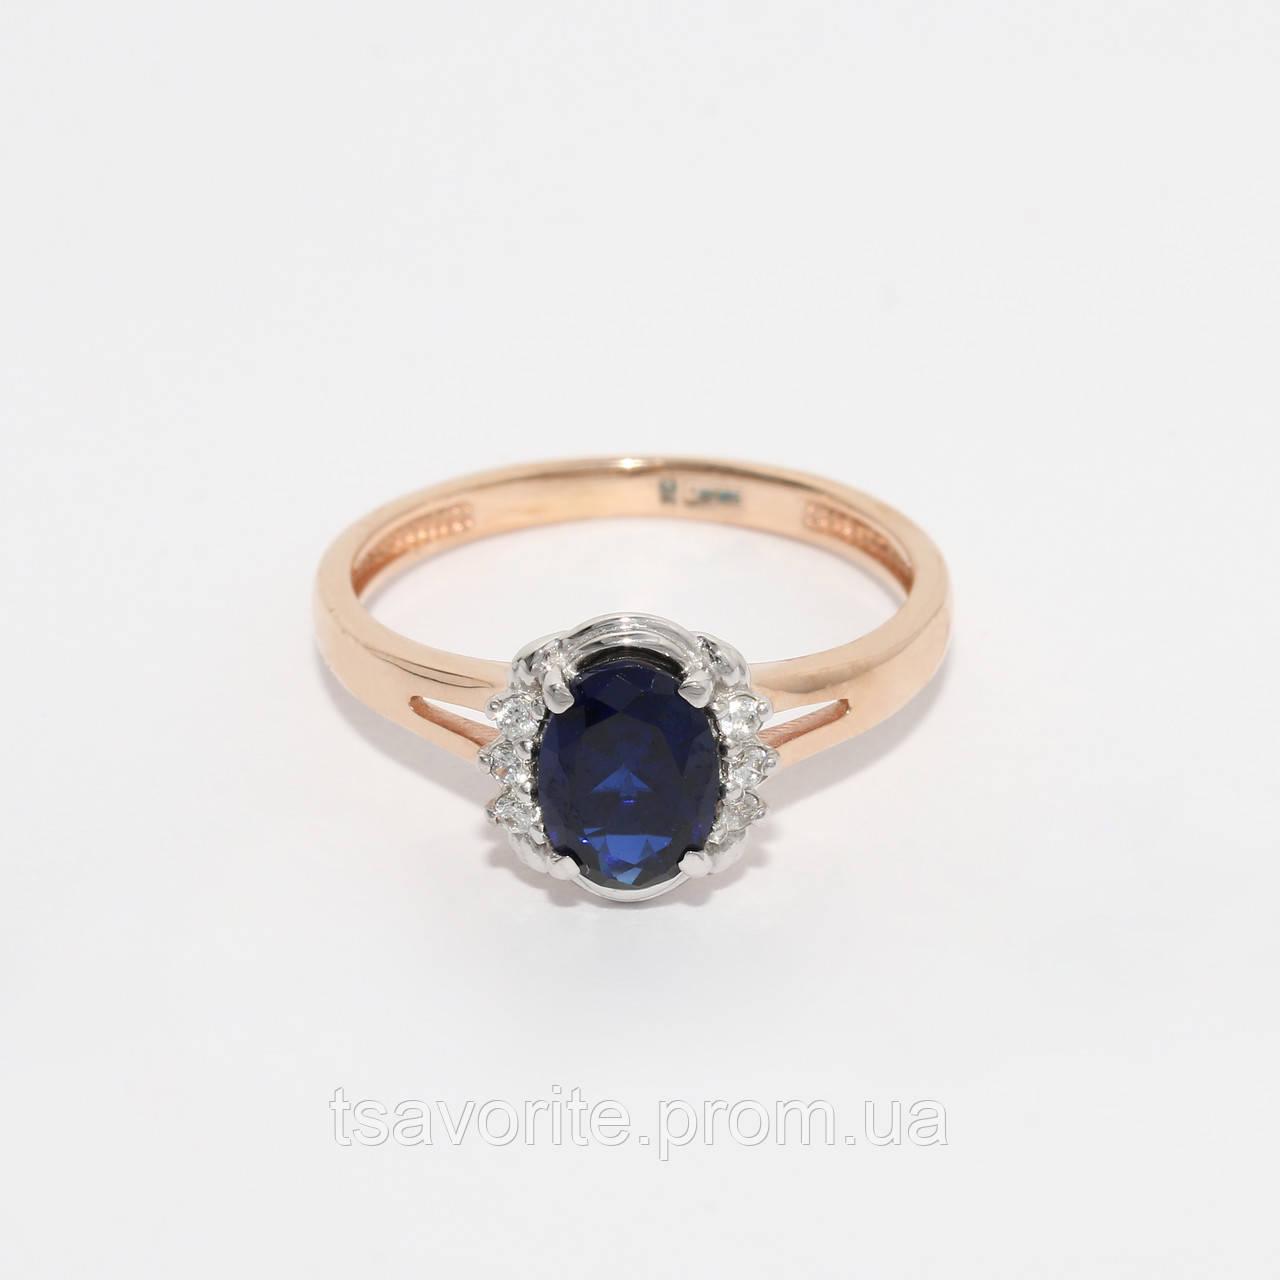 Золотое кольцо с искусственным сапфиром 80767-с.кор.сап